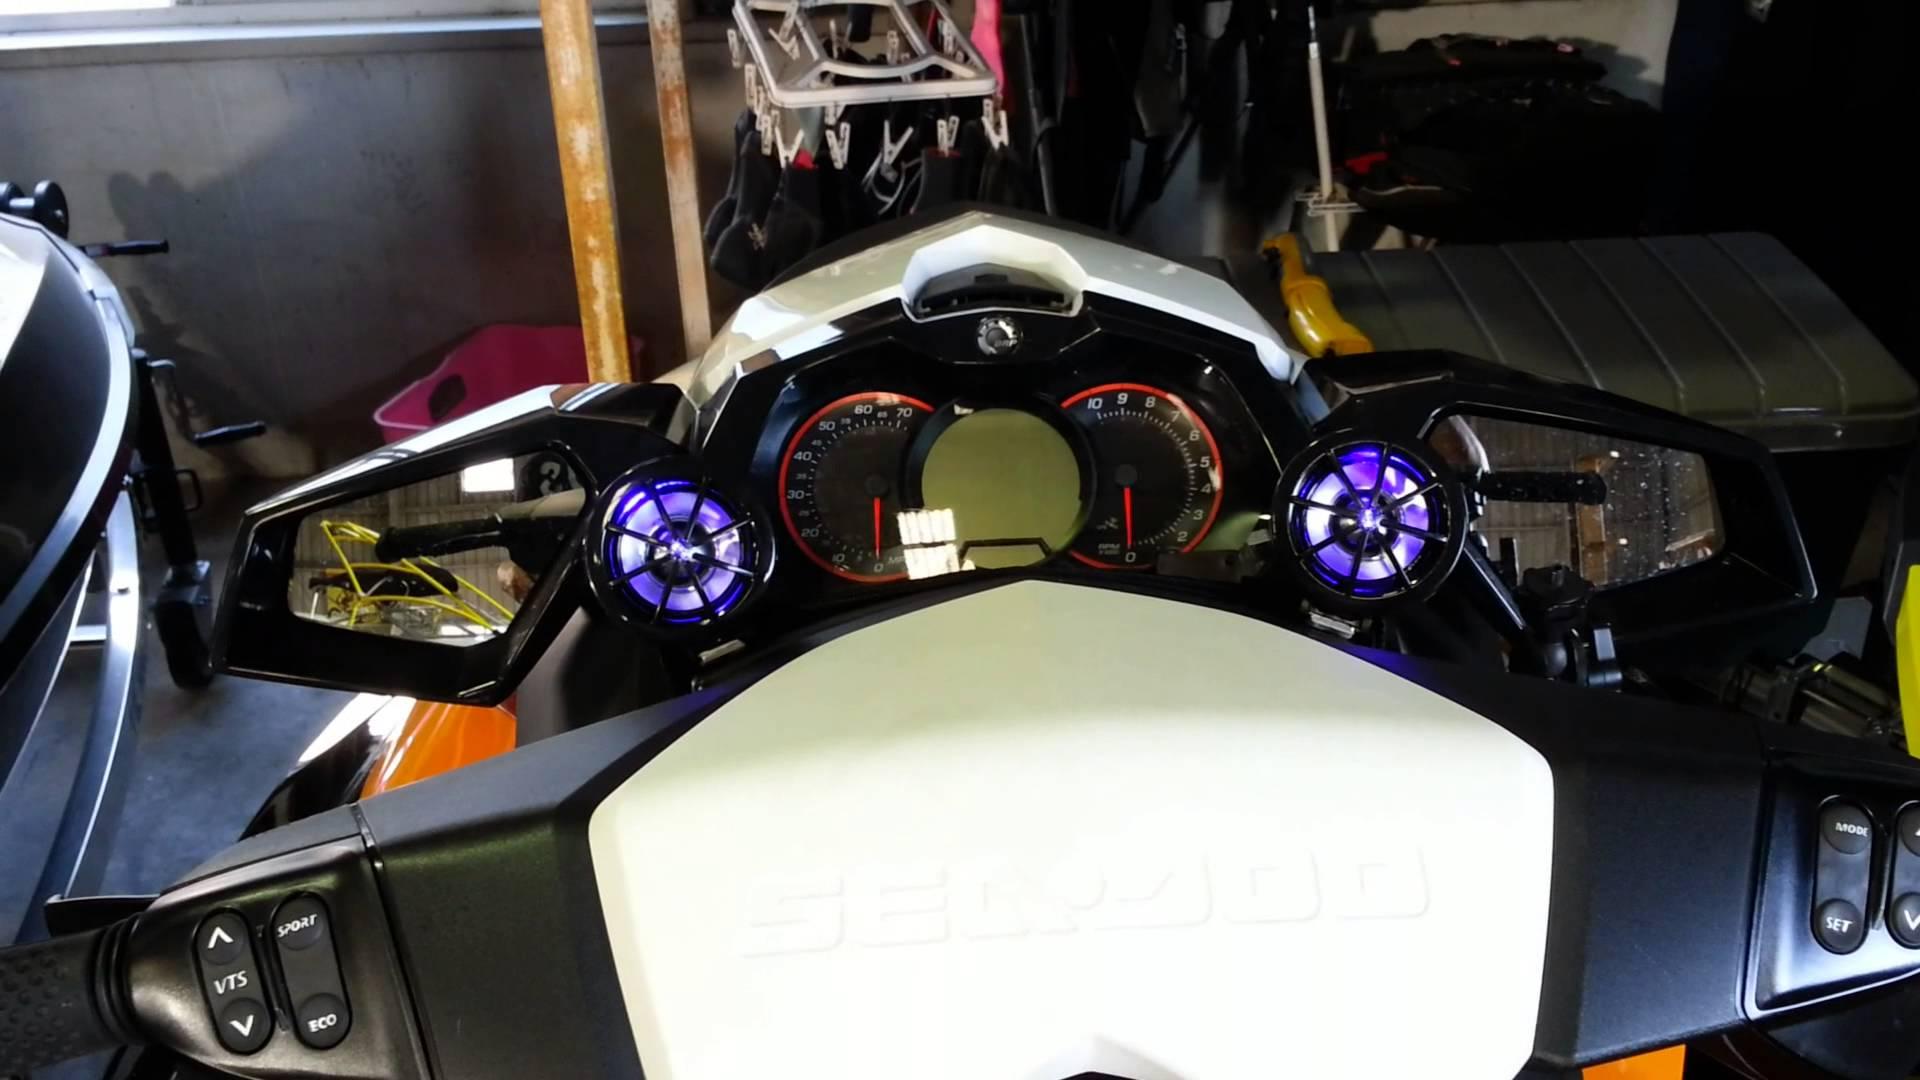 バイクライフに新しい一品を!バイク用スピーカーをご紹介!のサムネイル画像